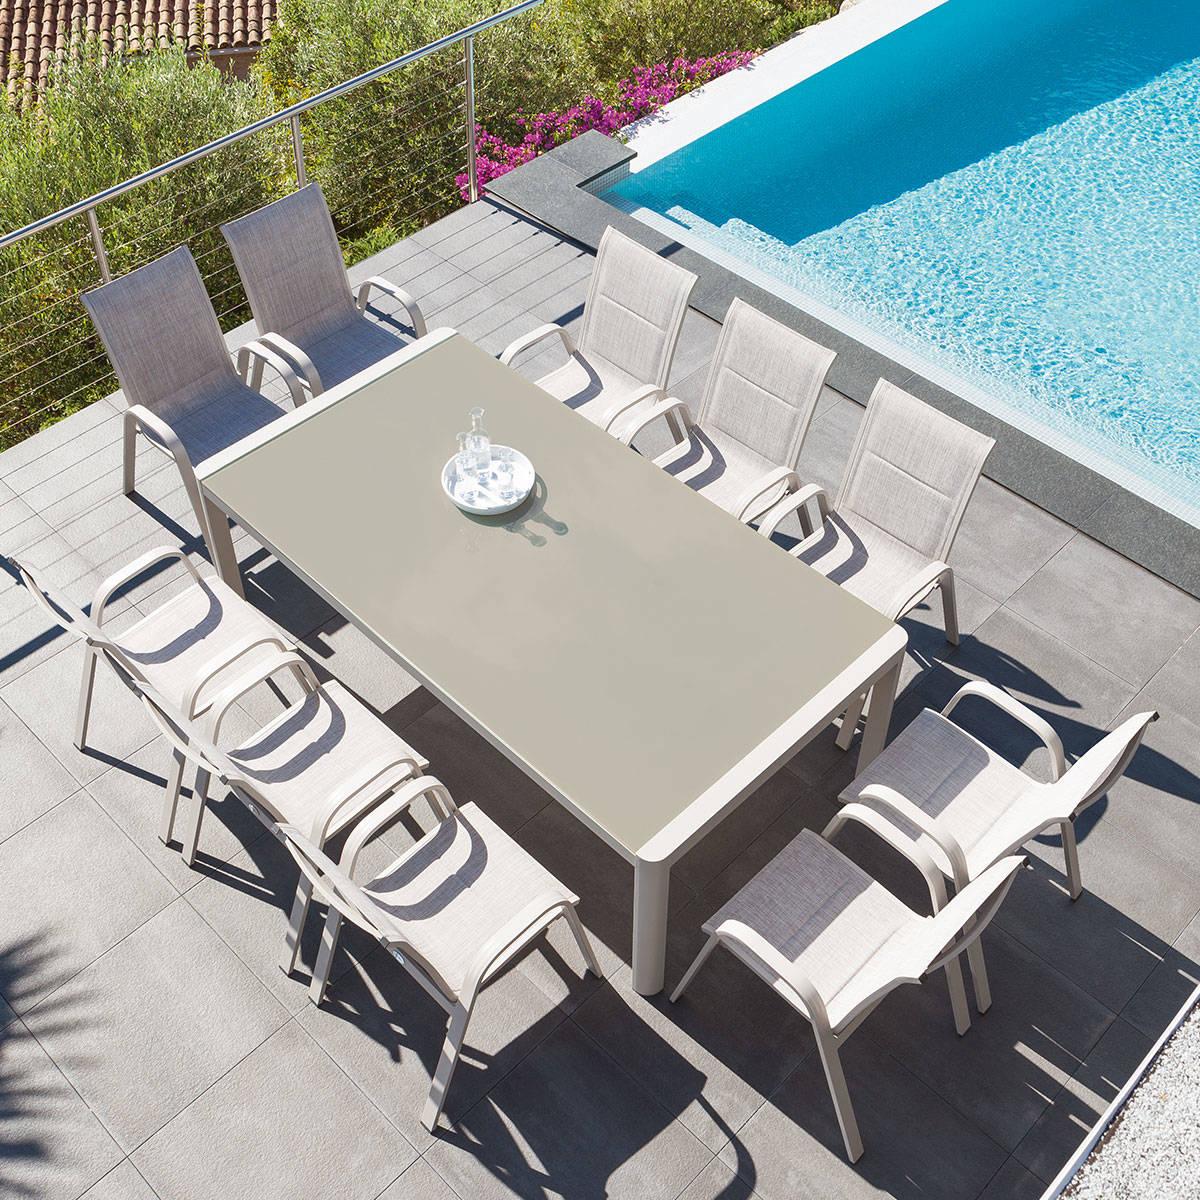 Table de jardin rectangulaire Absolu Taupe, Hesperide.com